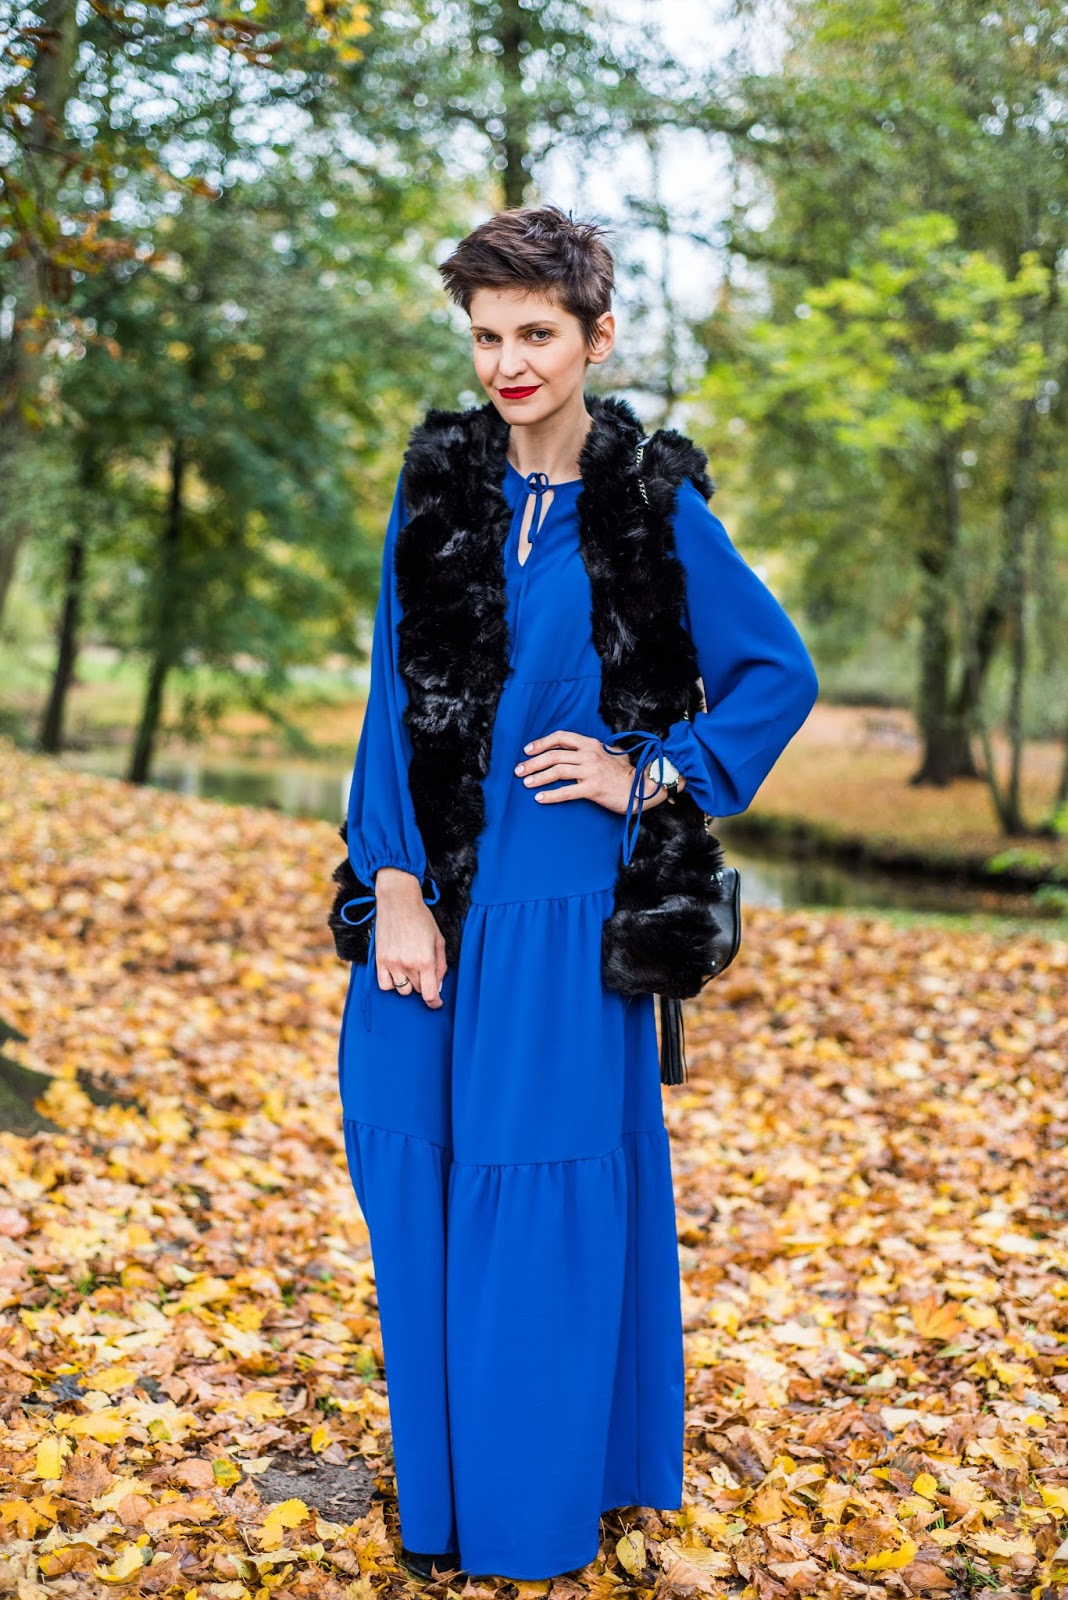 maxi sukienka, boho styl, fur, kamizelka futzana, kobaltowa sukienka, porady stylistki, casual, stylista poznan, red lips, butik, trendy, jesienne trendy, jak nosic,